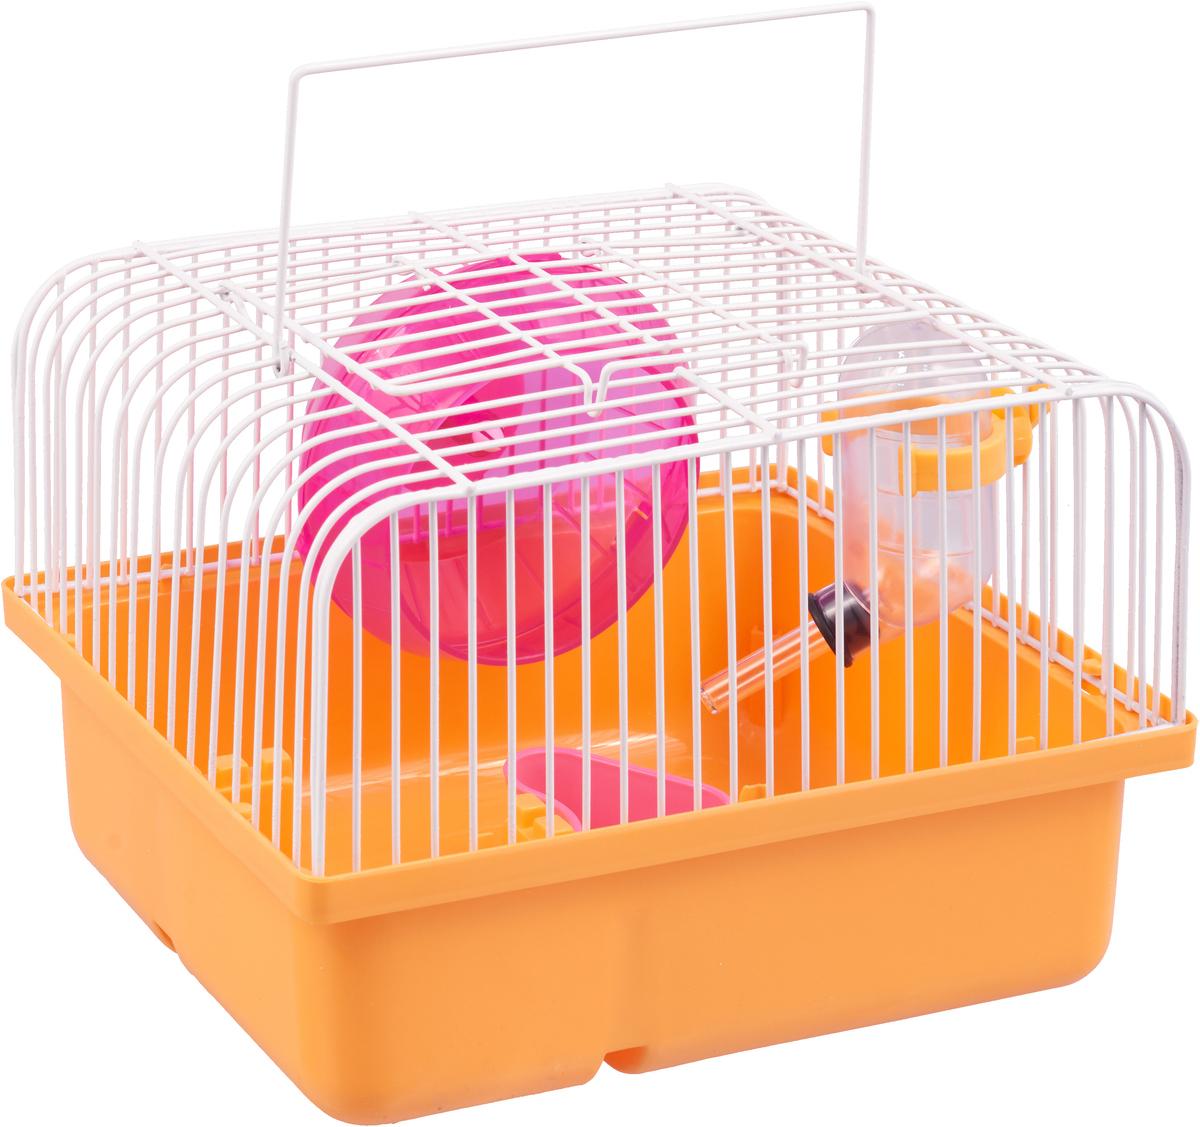 Переноска-клетка для мелких грызунов №1, цвет: оранжевый, 24 х 18 х 14 см